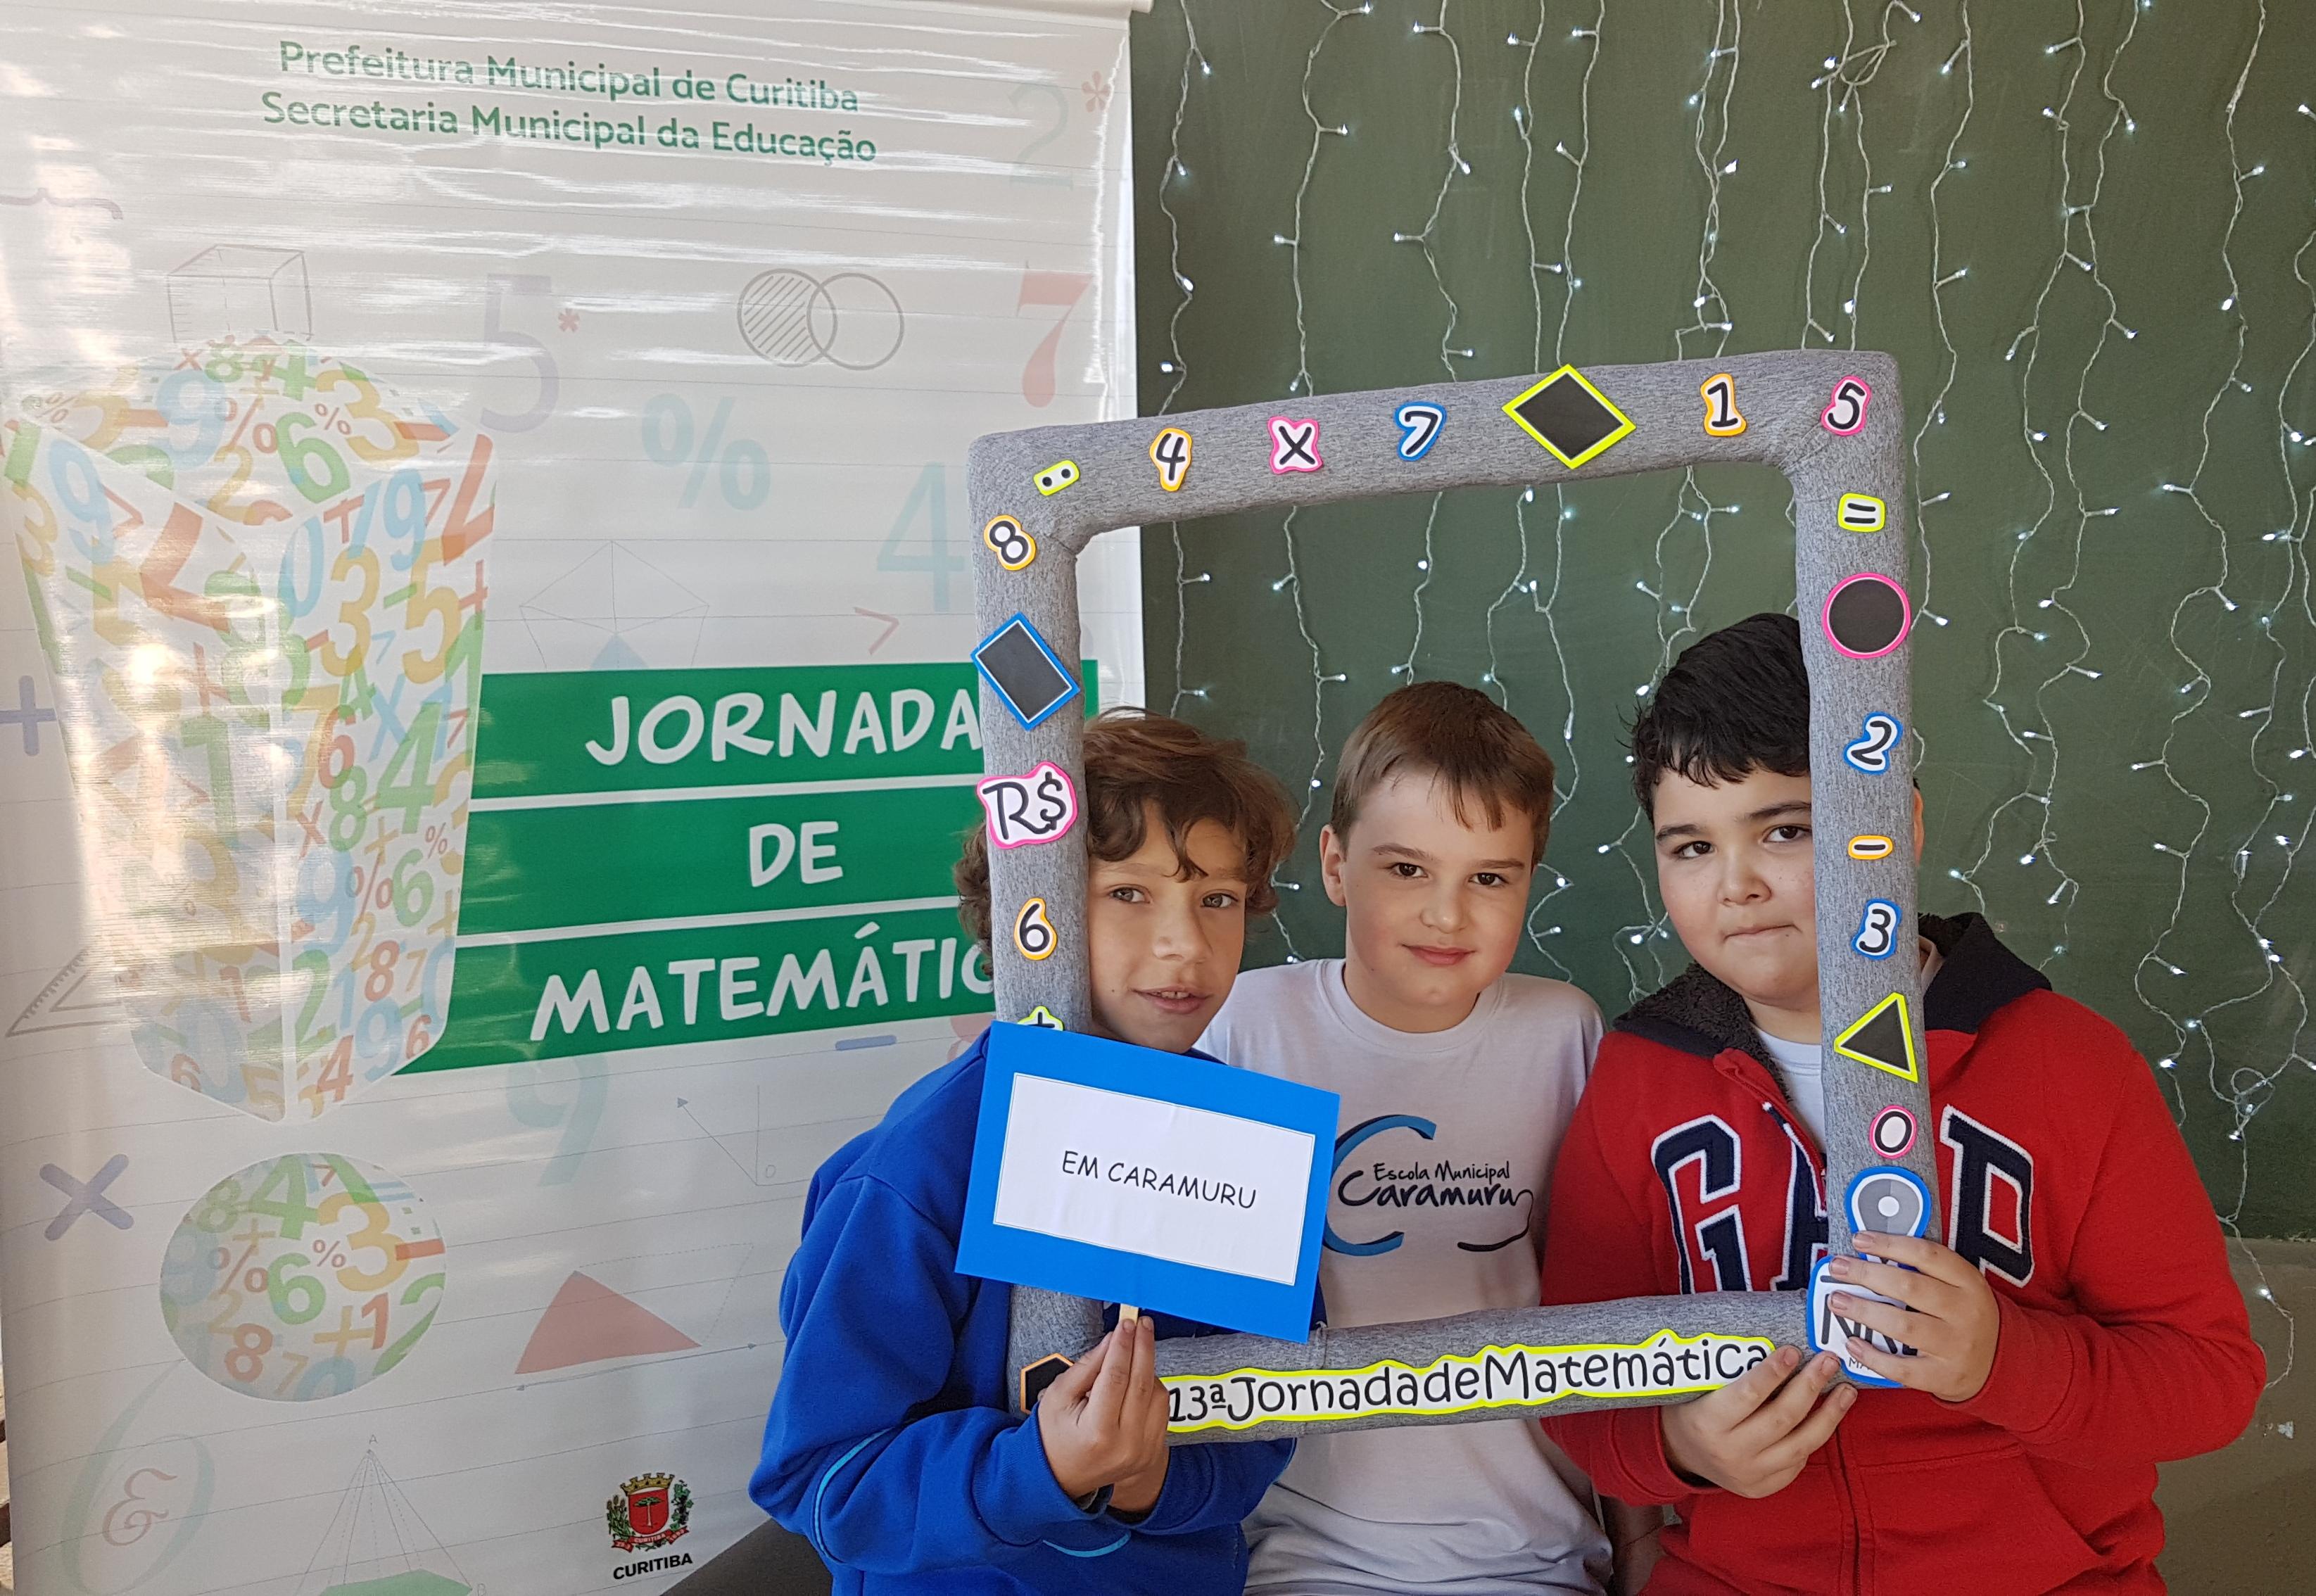 Representantes da Jornada de Matemática